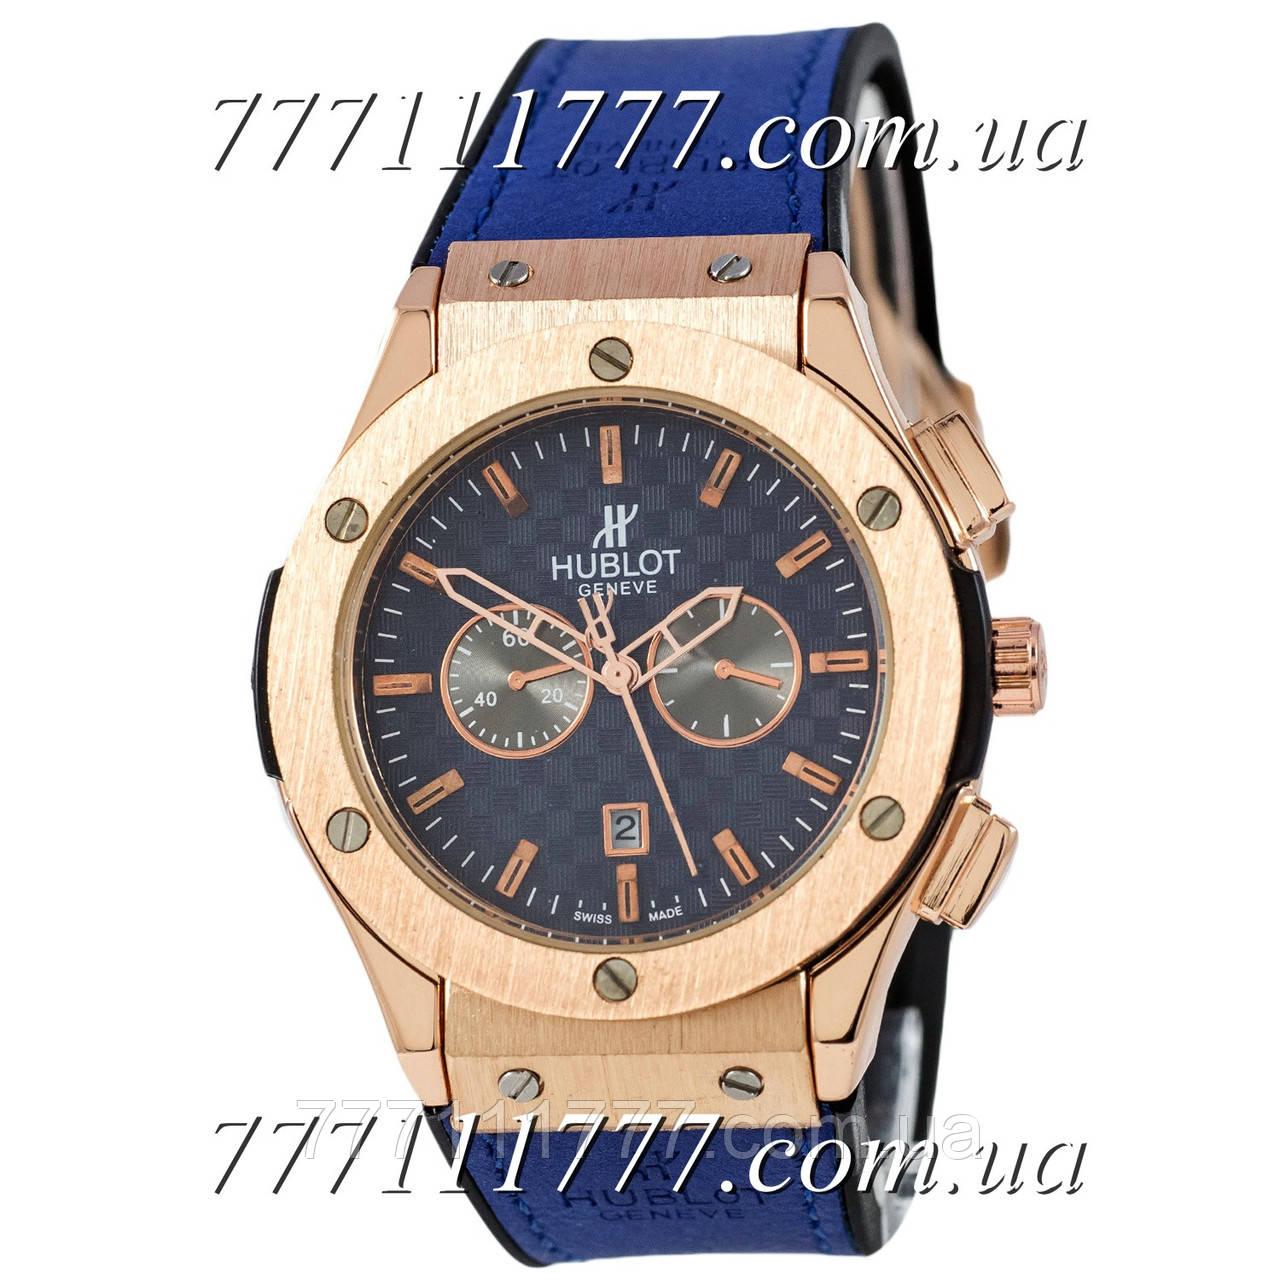 a77792551bd2 Часы мужские наручные Hublot 882888 Classic Fusion Blue-Gold-Blue гарантия